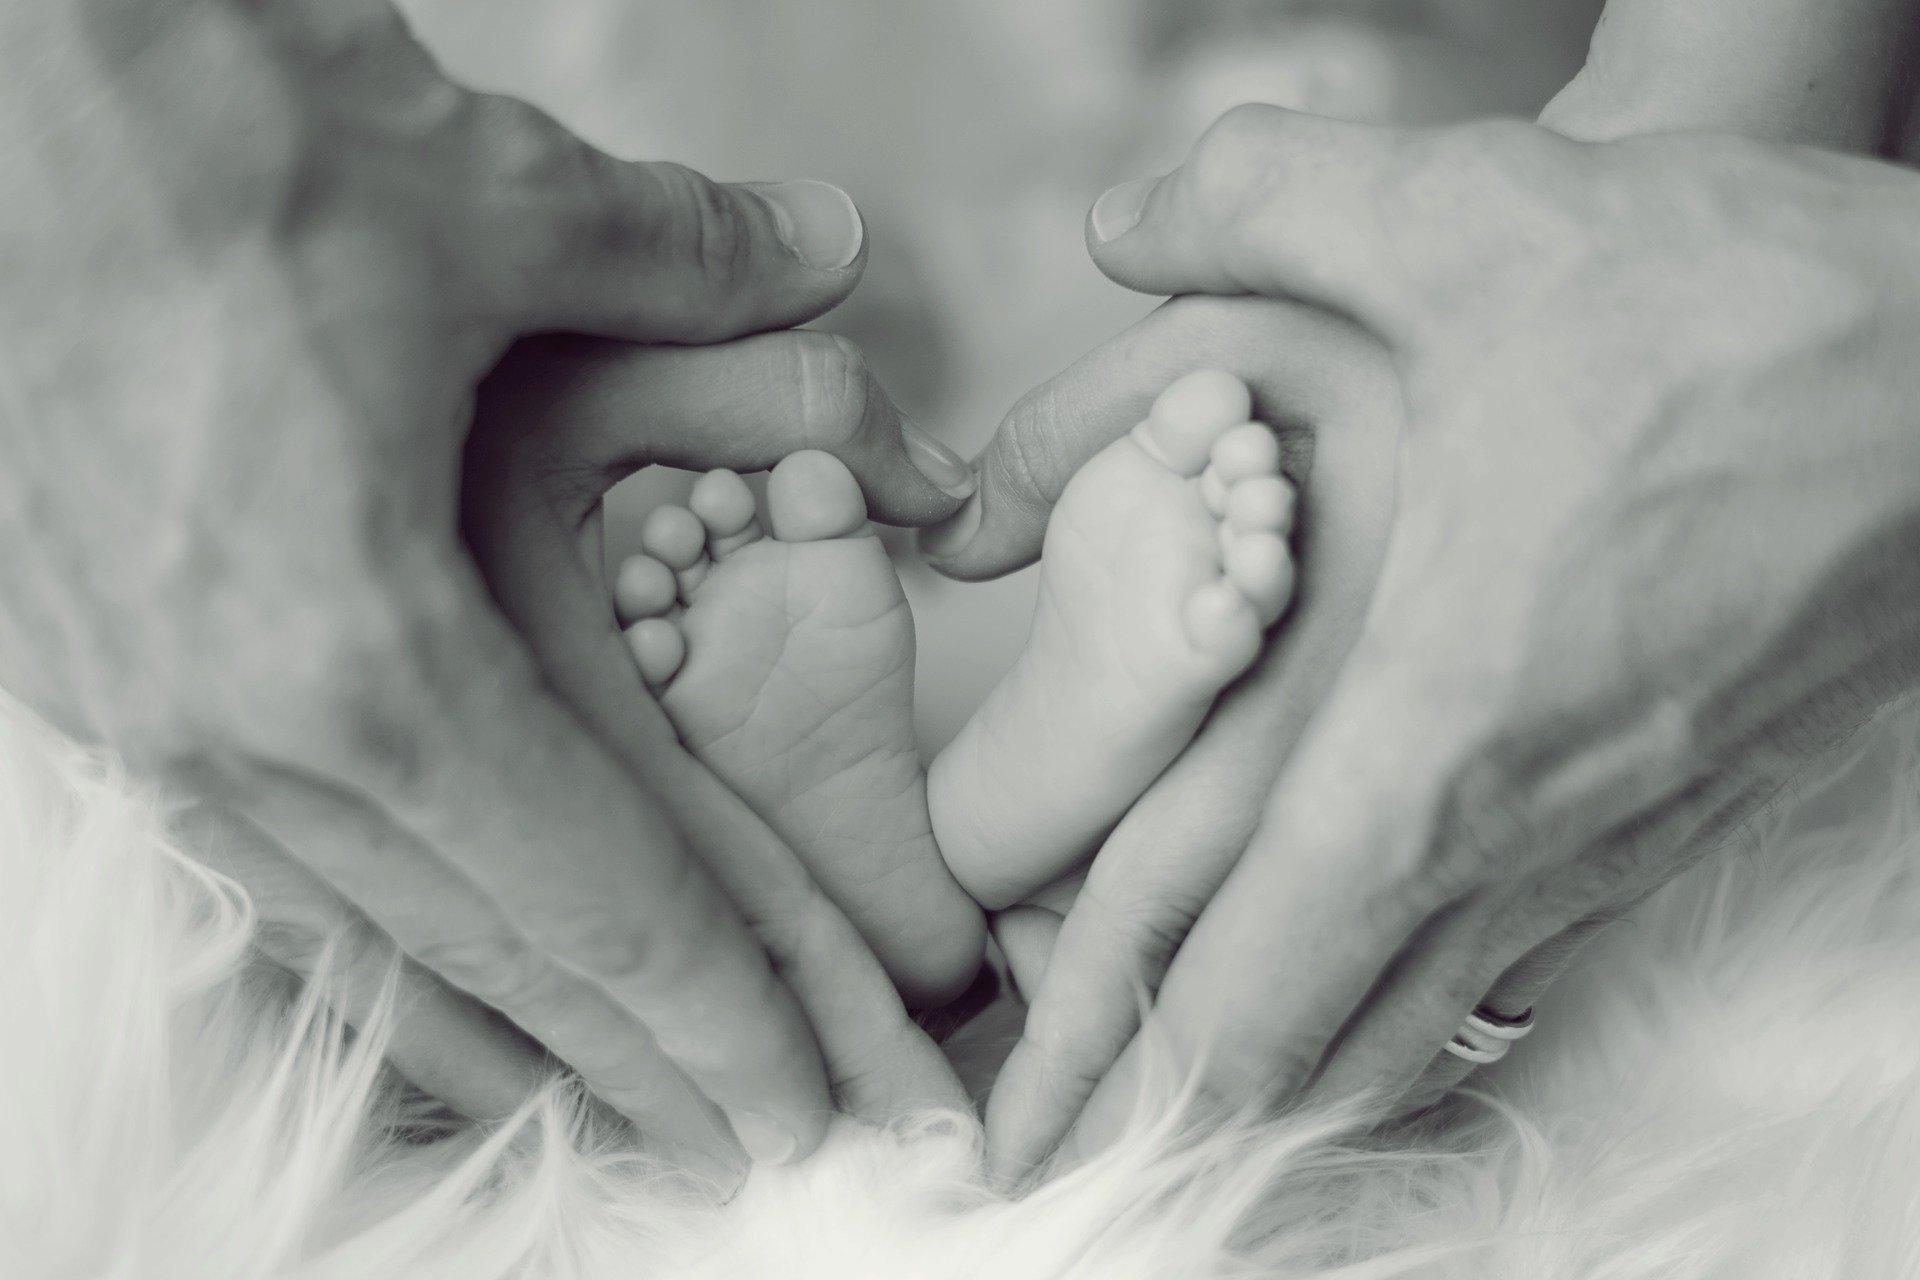 Poród siłami natury – jego przebieg | przygotowanie | ból | znieczulenie